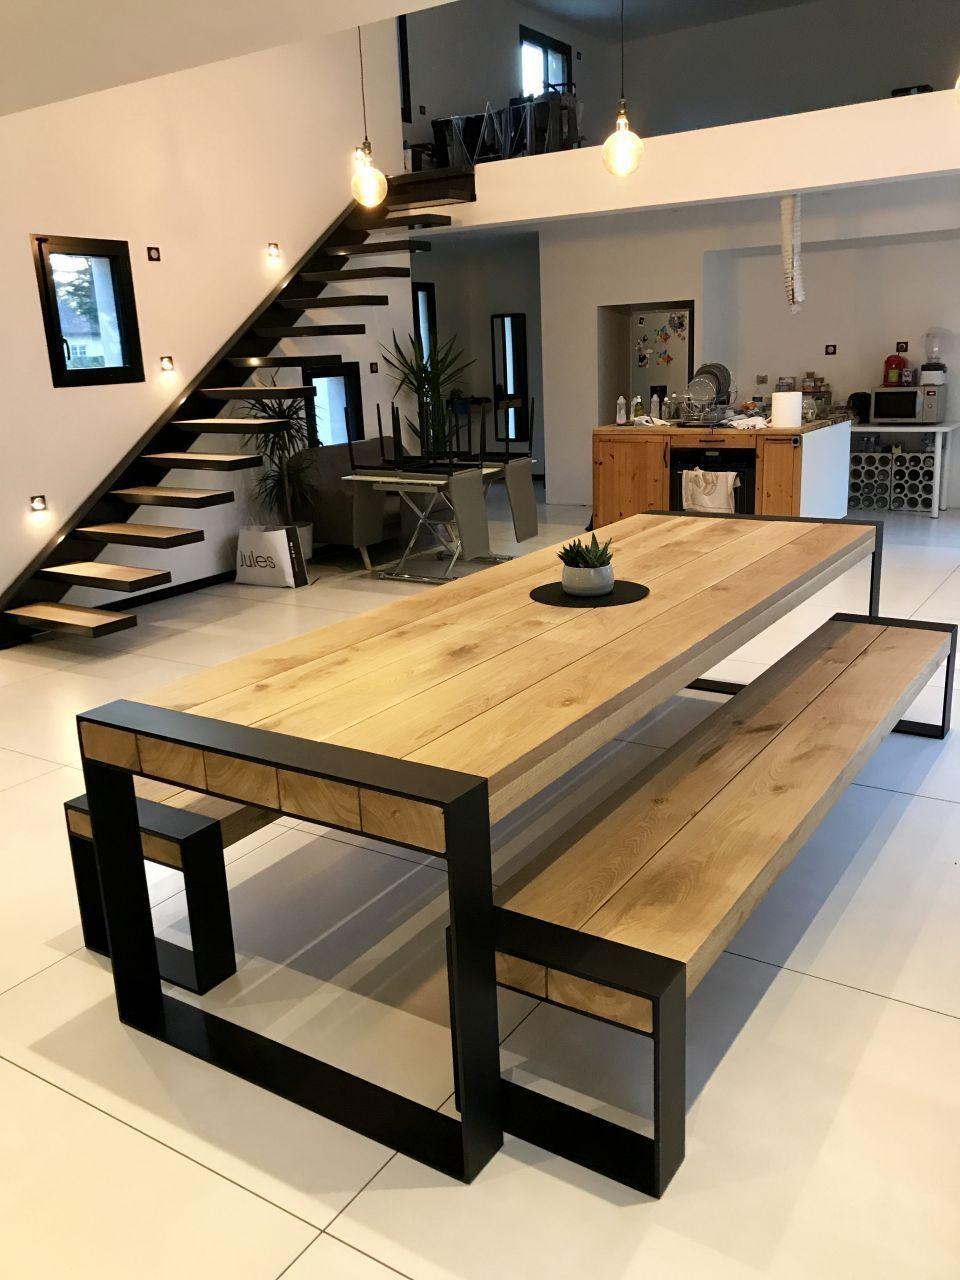 Des idees pour votre interieur concept bois metal vous accompagne salvabrani also best house furniture images in carpentry future rh pinterest